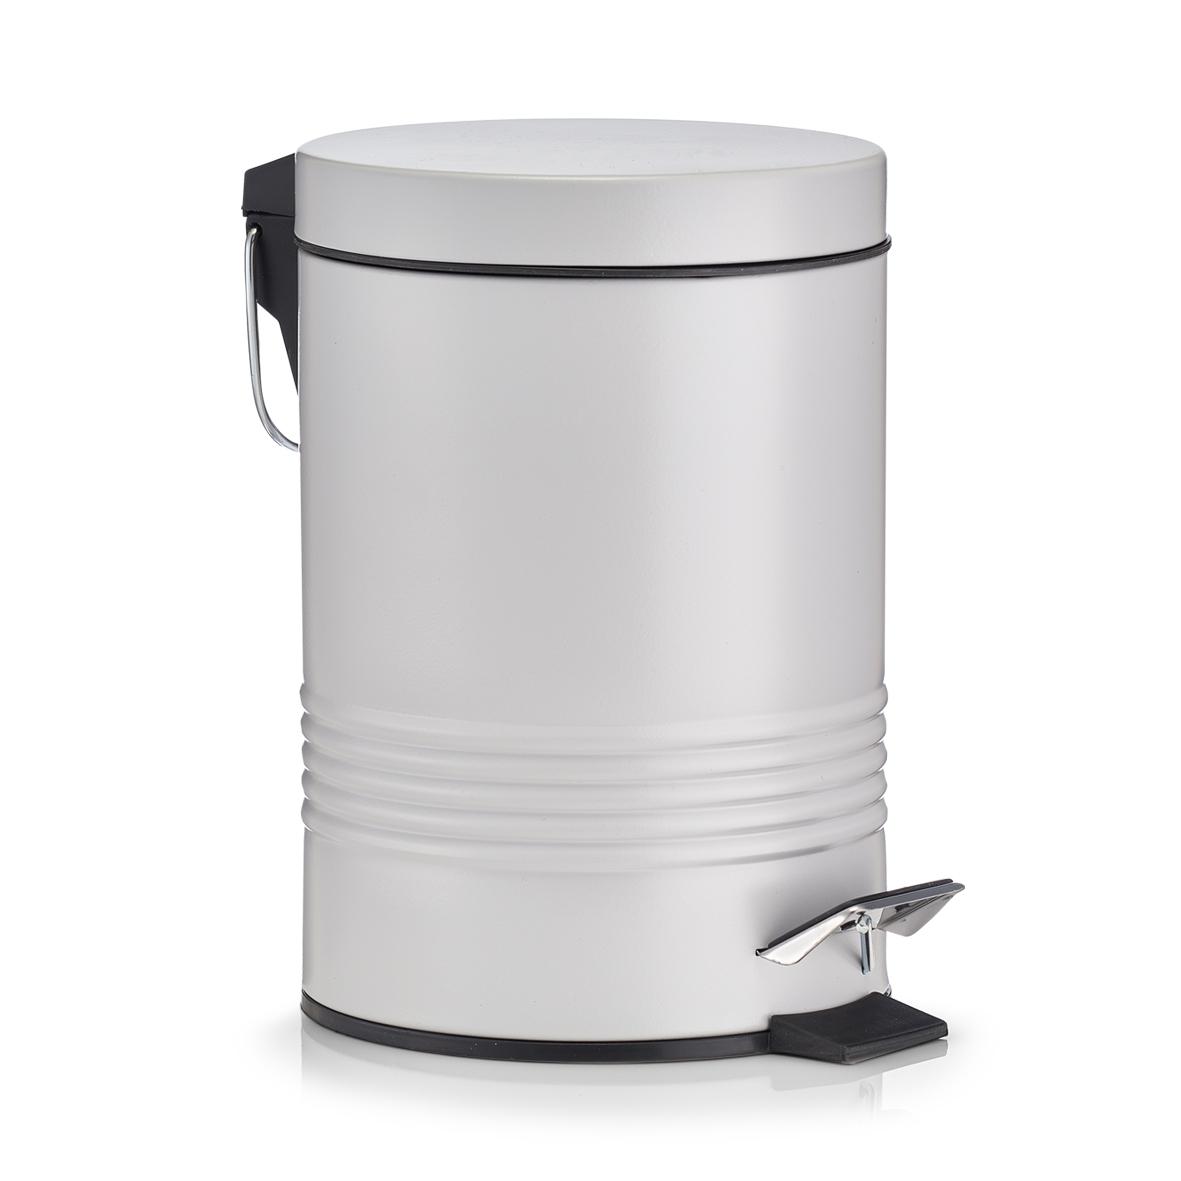 Cos de gunoi cu pedala pentru baie, Grey, 3L imagine